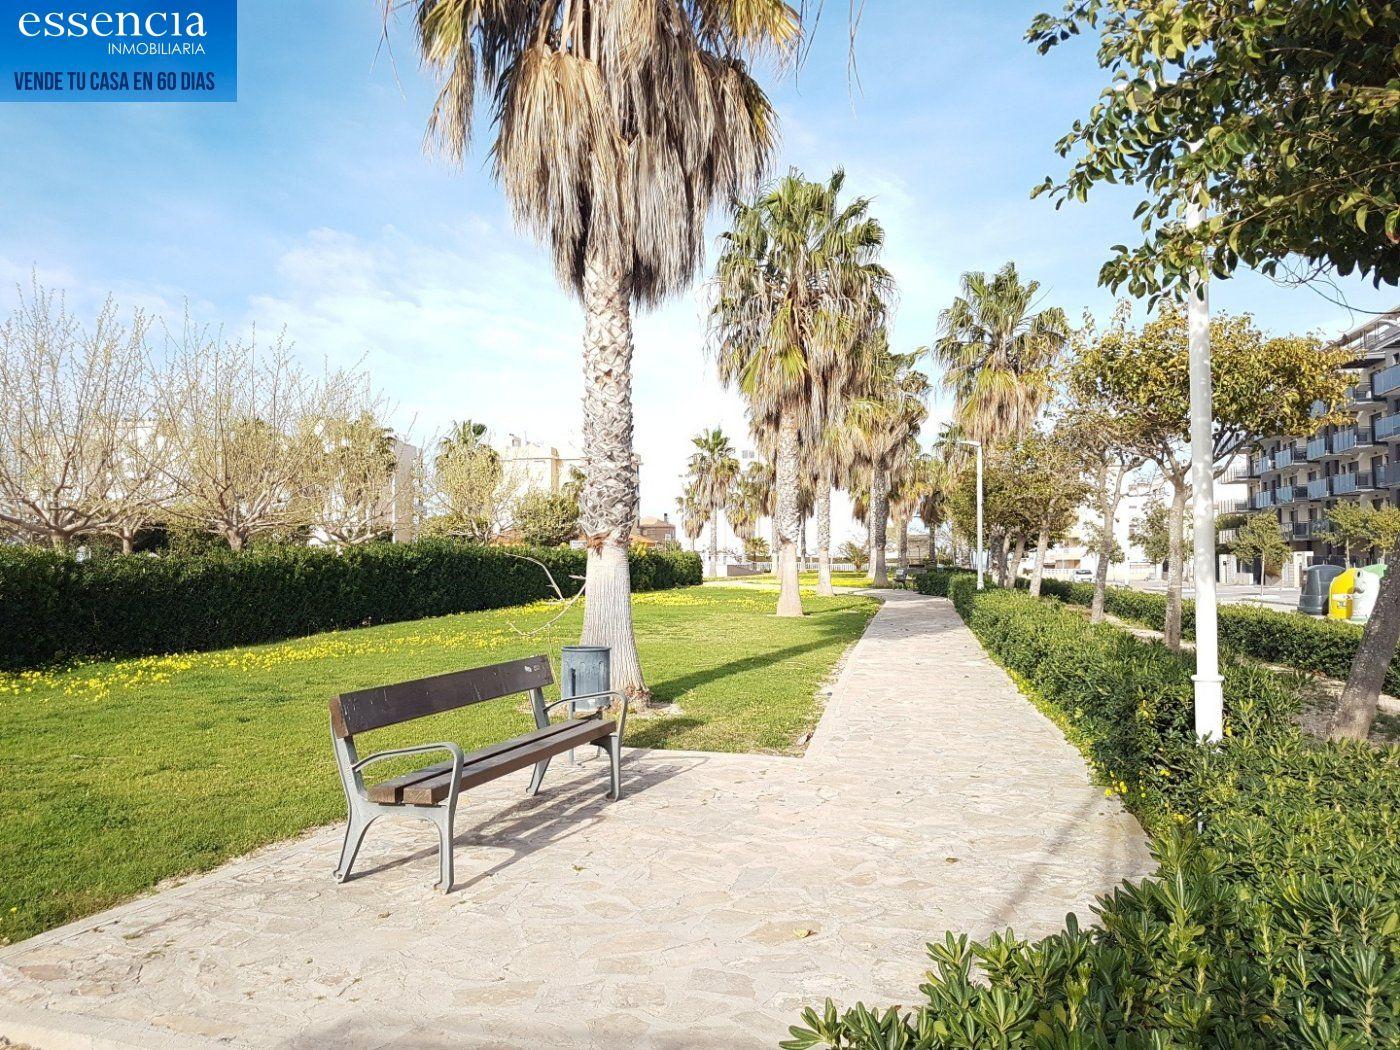 Apartamento con vistas al mar en playa de bellreguard.  garaje y piscina. - imagenInmueble25